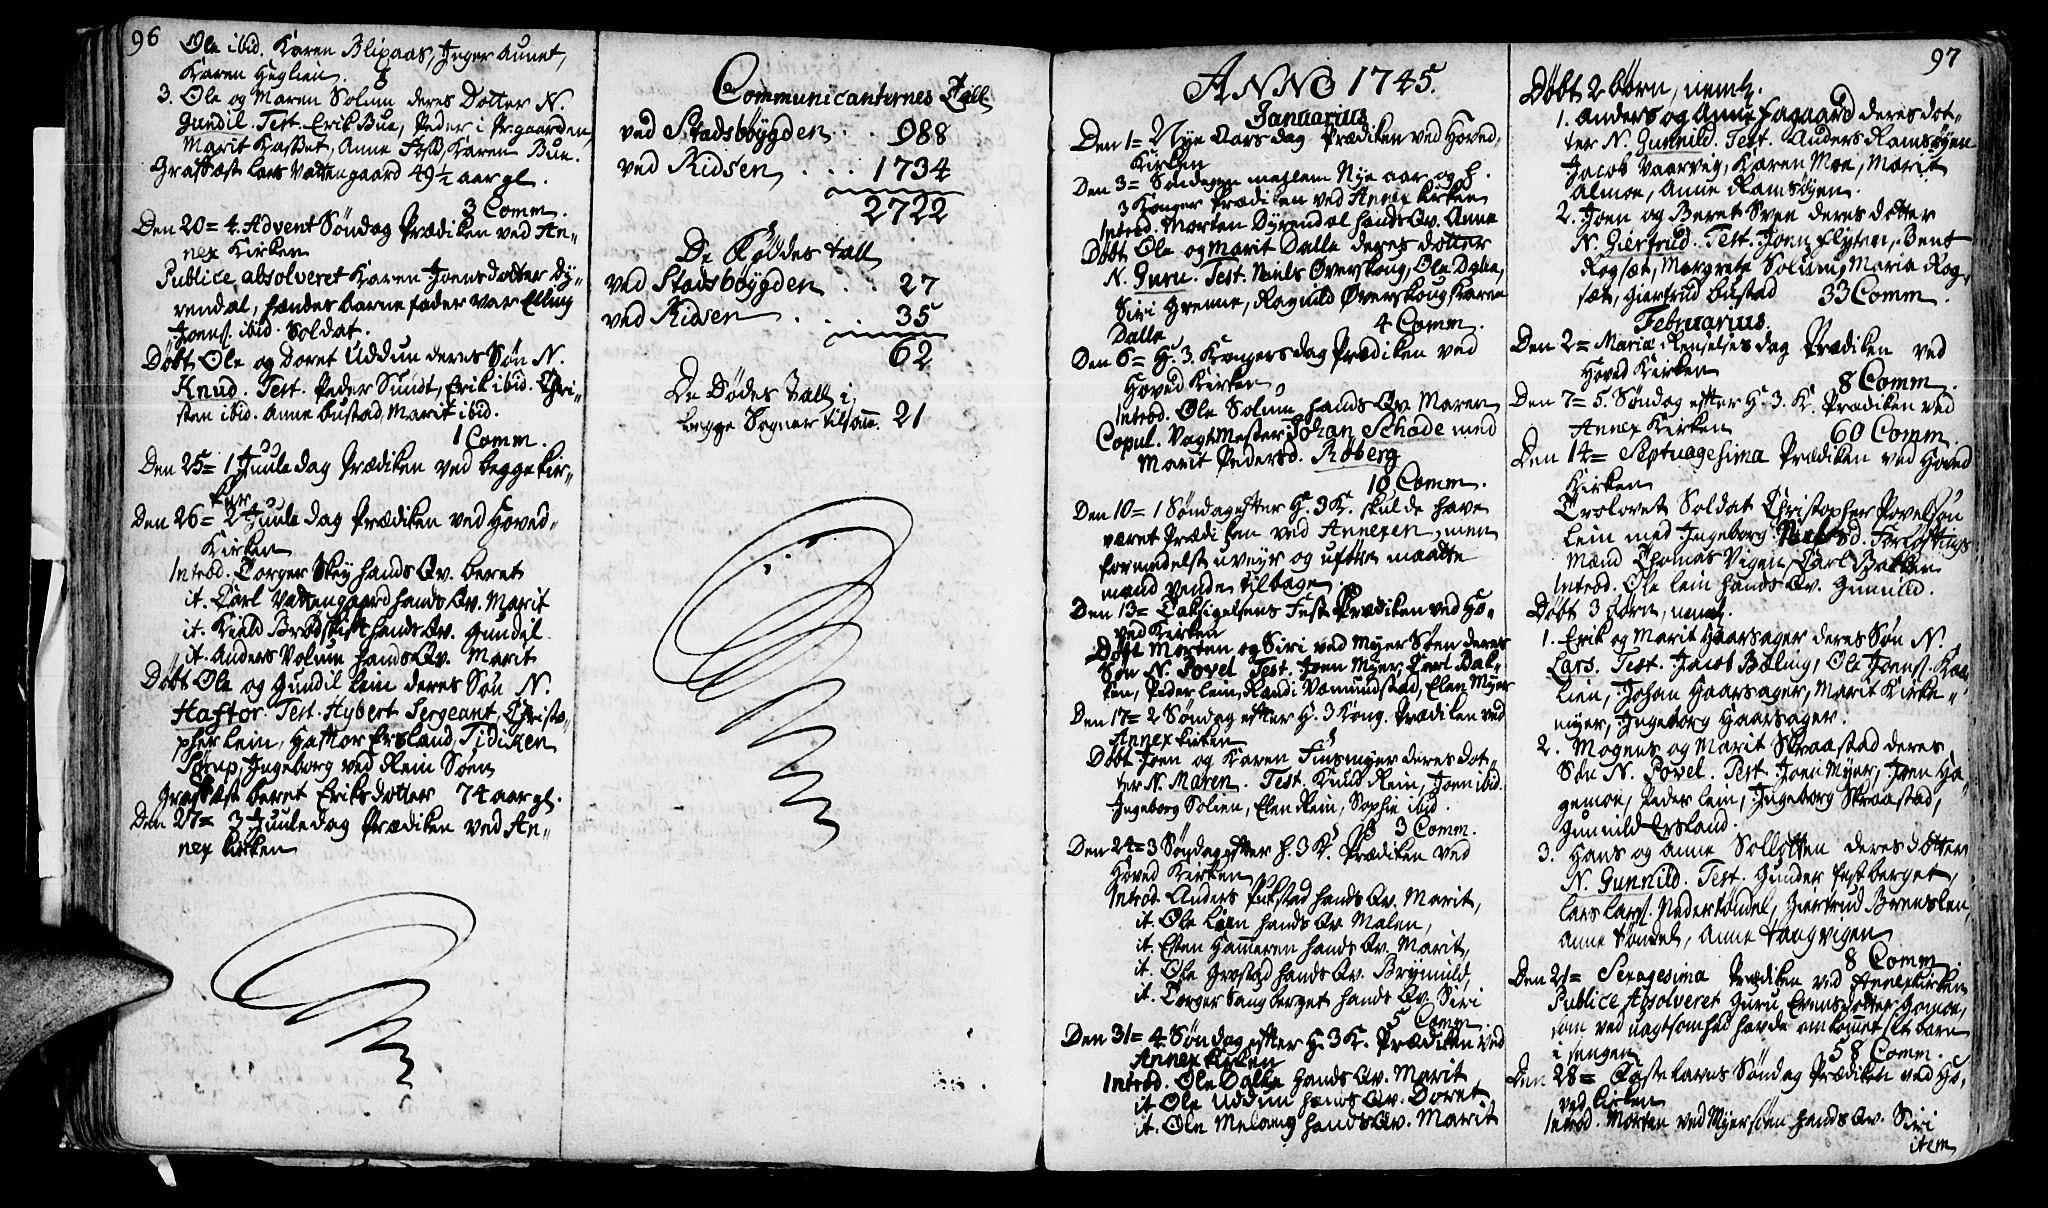 SAT, Ministerialprotokoller, klokkerbøker og fødselsregistre - Sør-Trøndelag, 646/L0604: Ministerialbok nr. 646A02, 1735-1750, s. 96-97